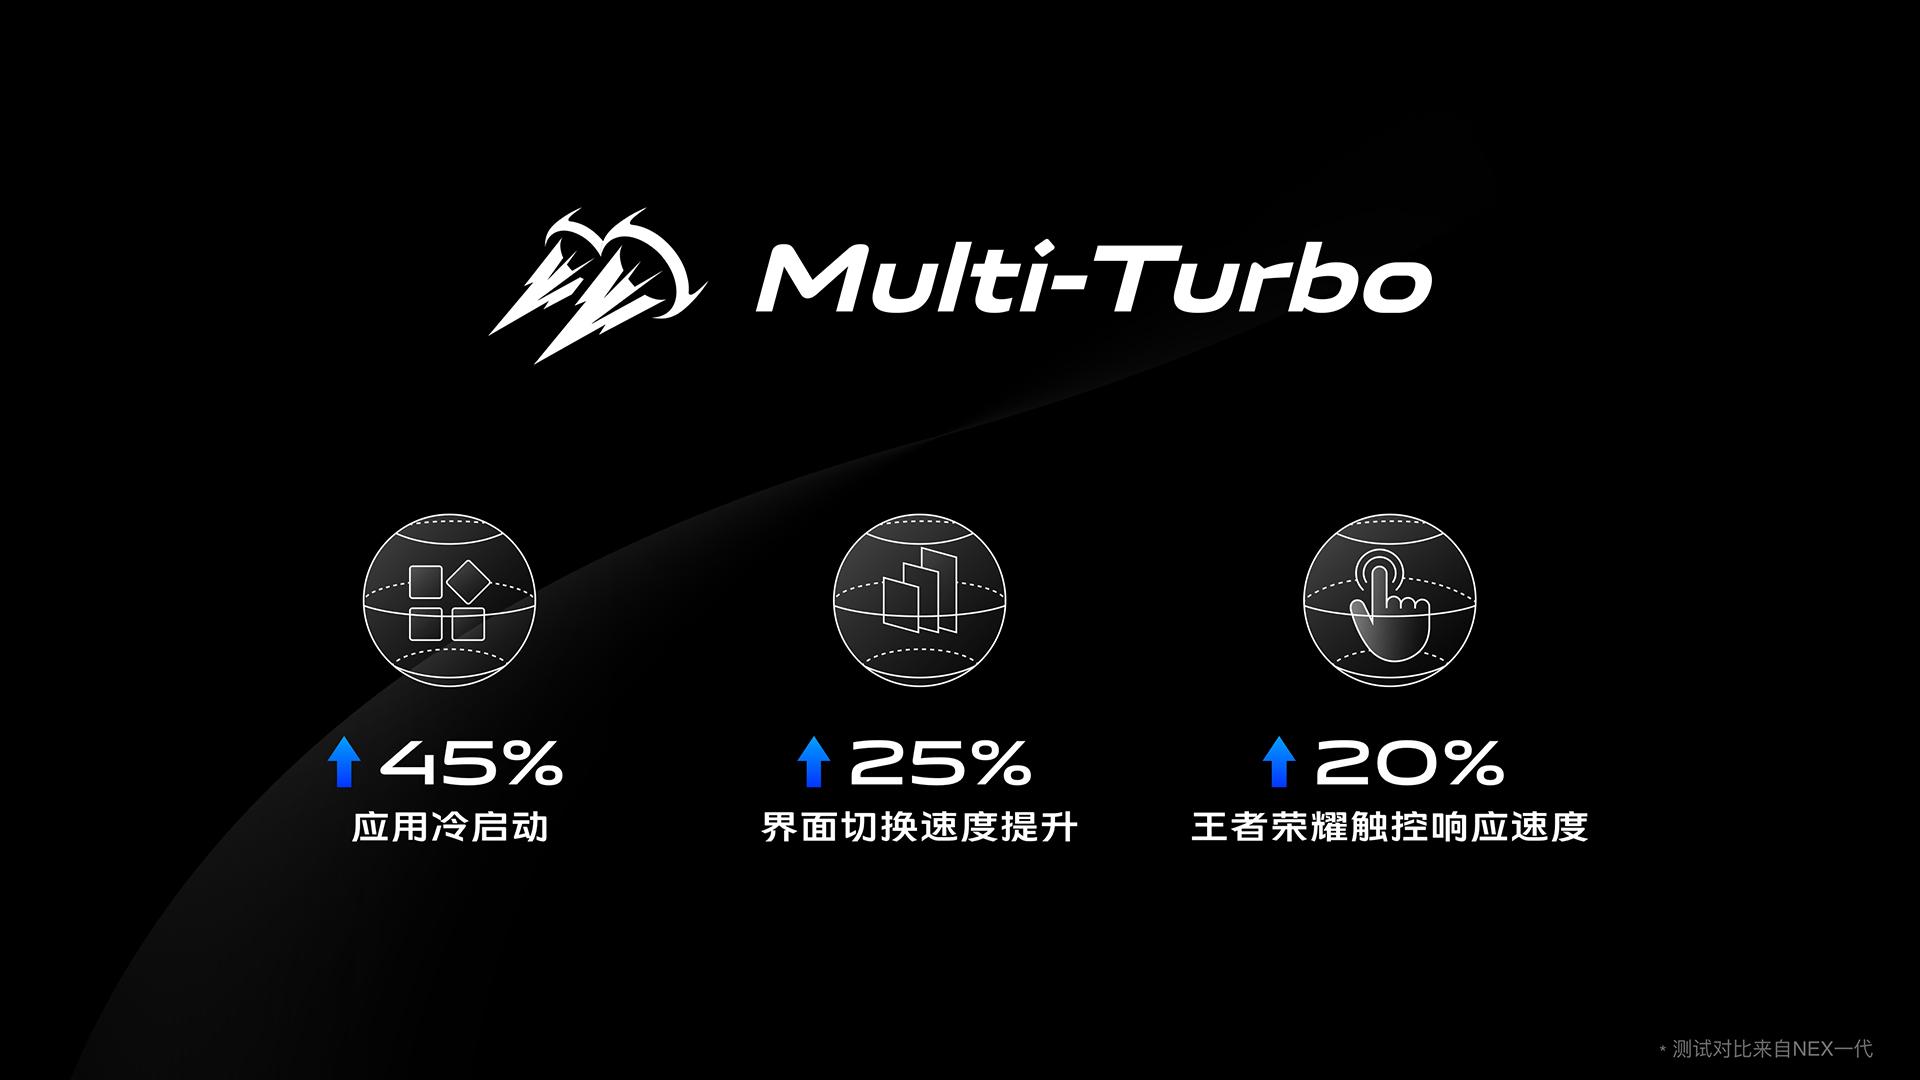 06-multi-turbo.jpg